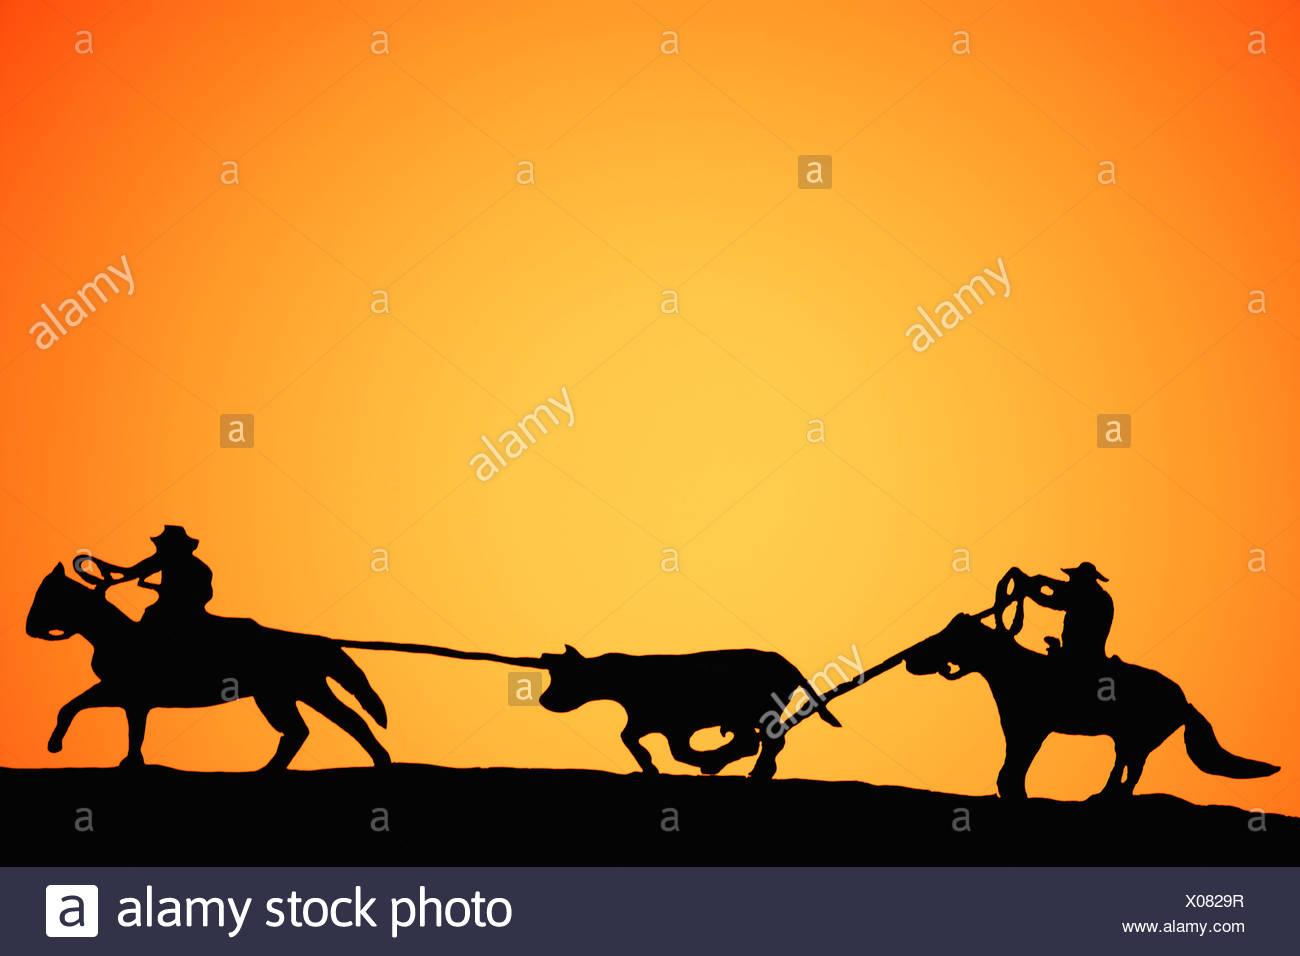 Calf roping - Stock Image